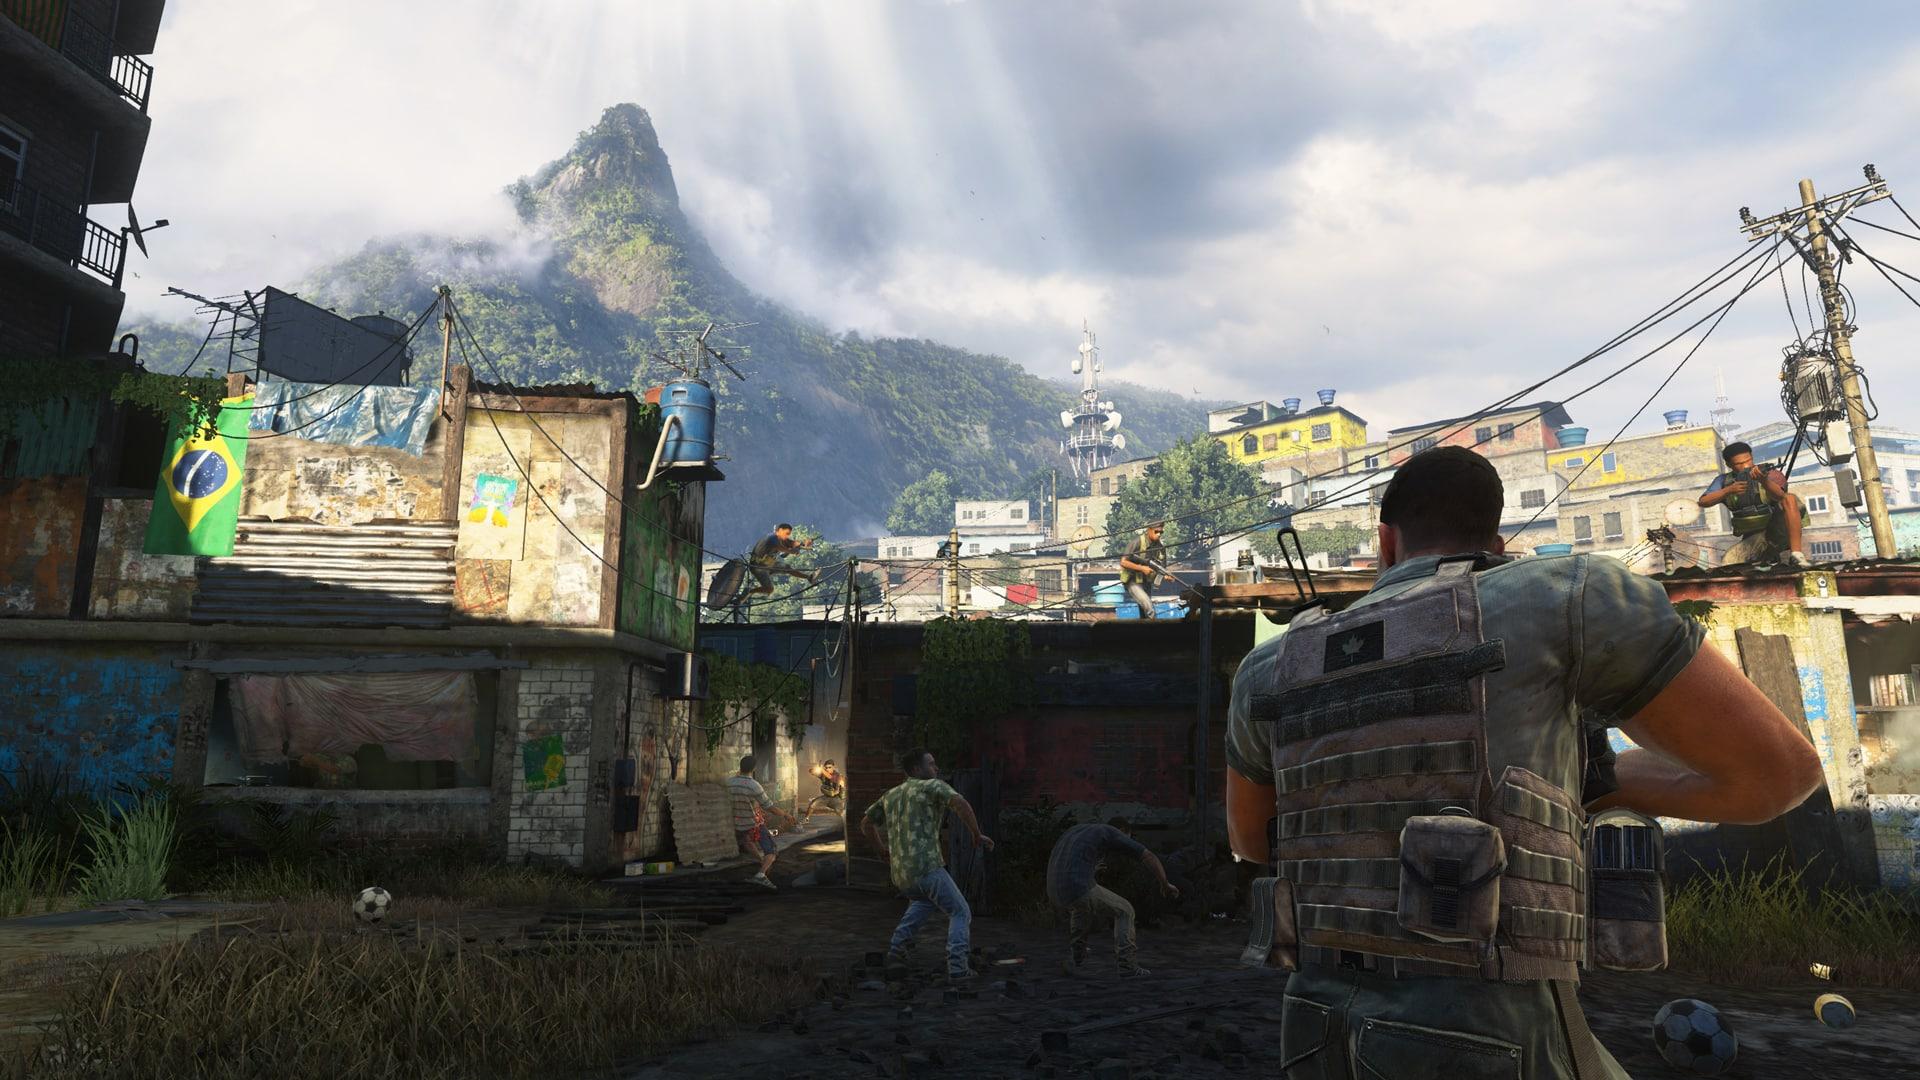 El multijugador de Call of Duty Modern Warfare 2 Remastered estaría en  proceso, según un rumor - HobbyConsolas Juegos